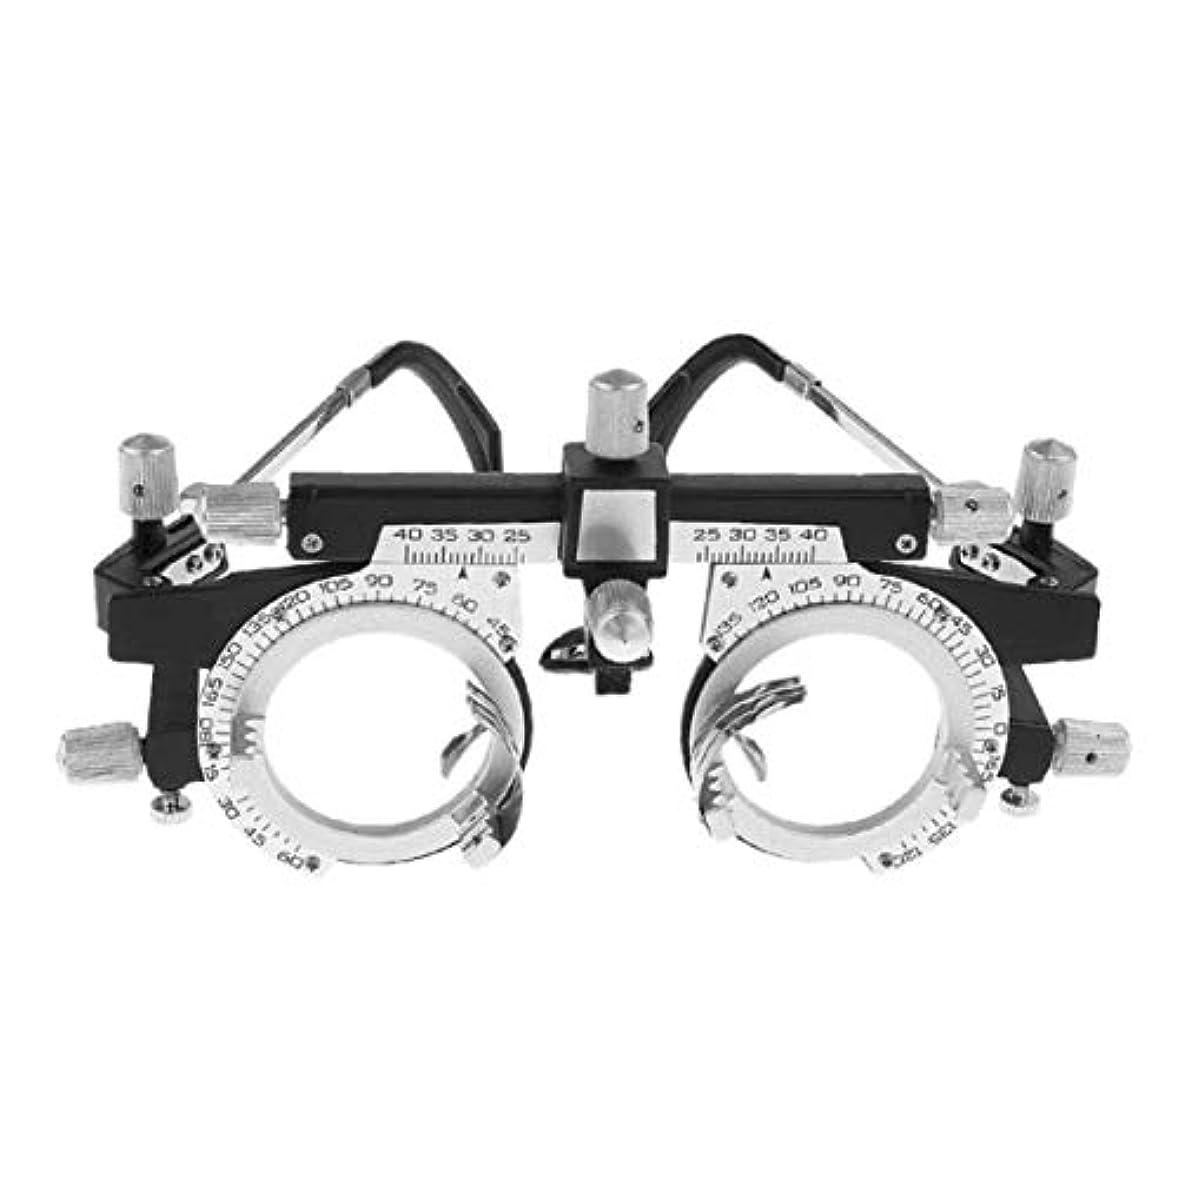 寛大さダルセットしたいBirdlantern調節可能なプロフェッショナルアイウェア検眼メタルフレームオプティカルオプティクストライアルレンズメタルフレームPDメガネアクセサリー